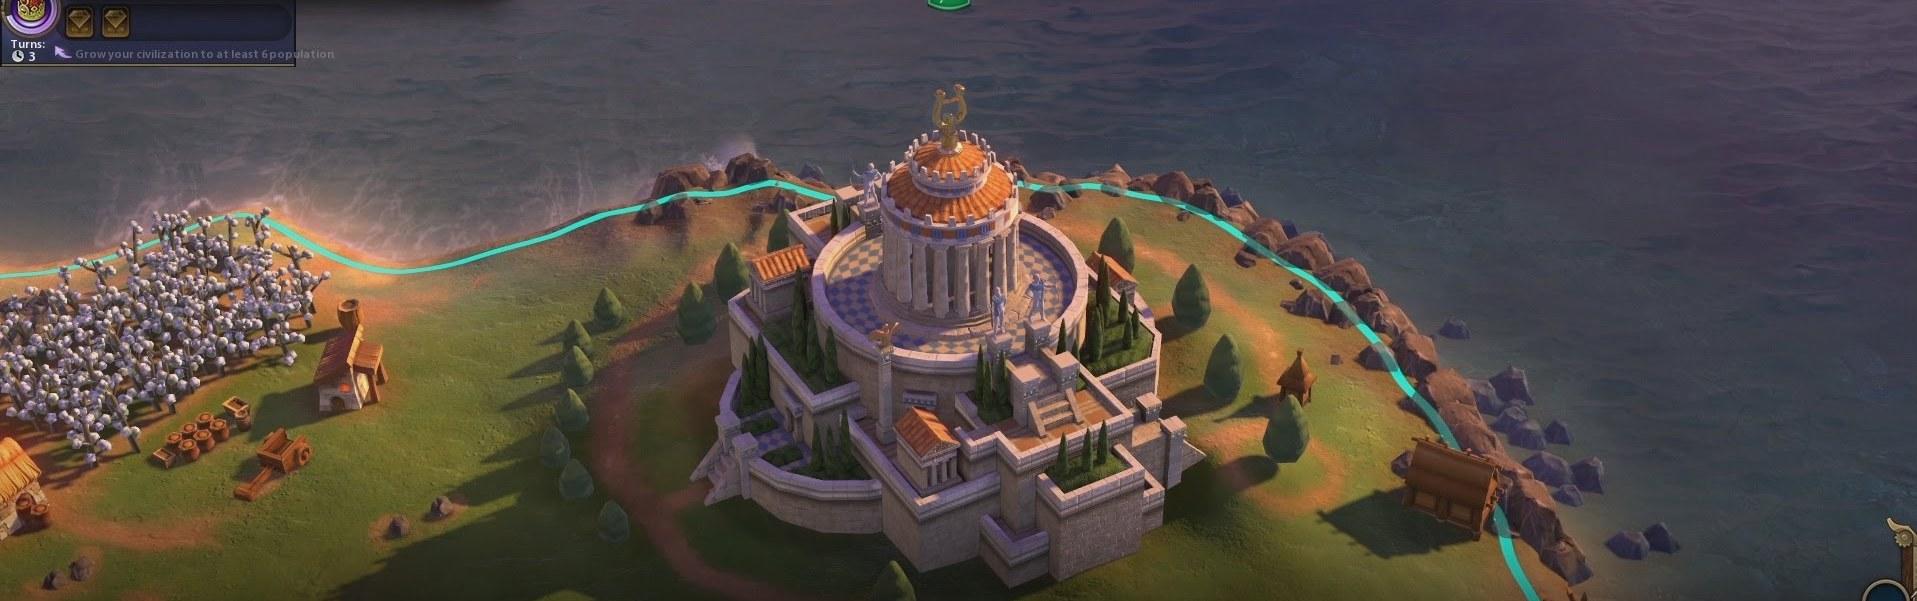 Sid Meier's Civilization VI - Aztec Civilization Pack (DLC) Steam Key EUROPE